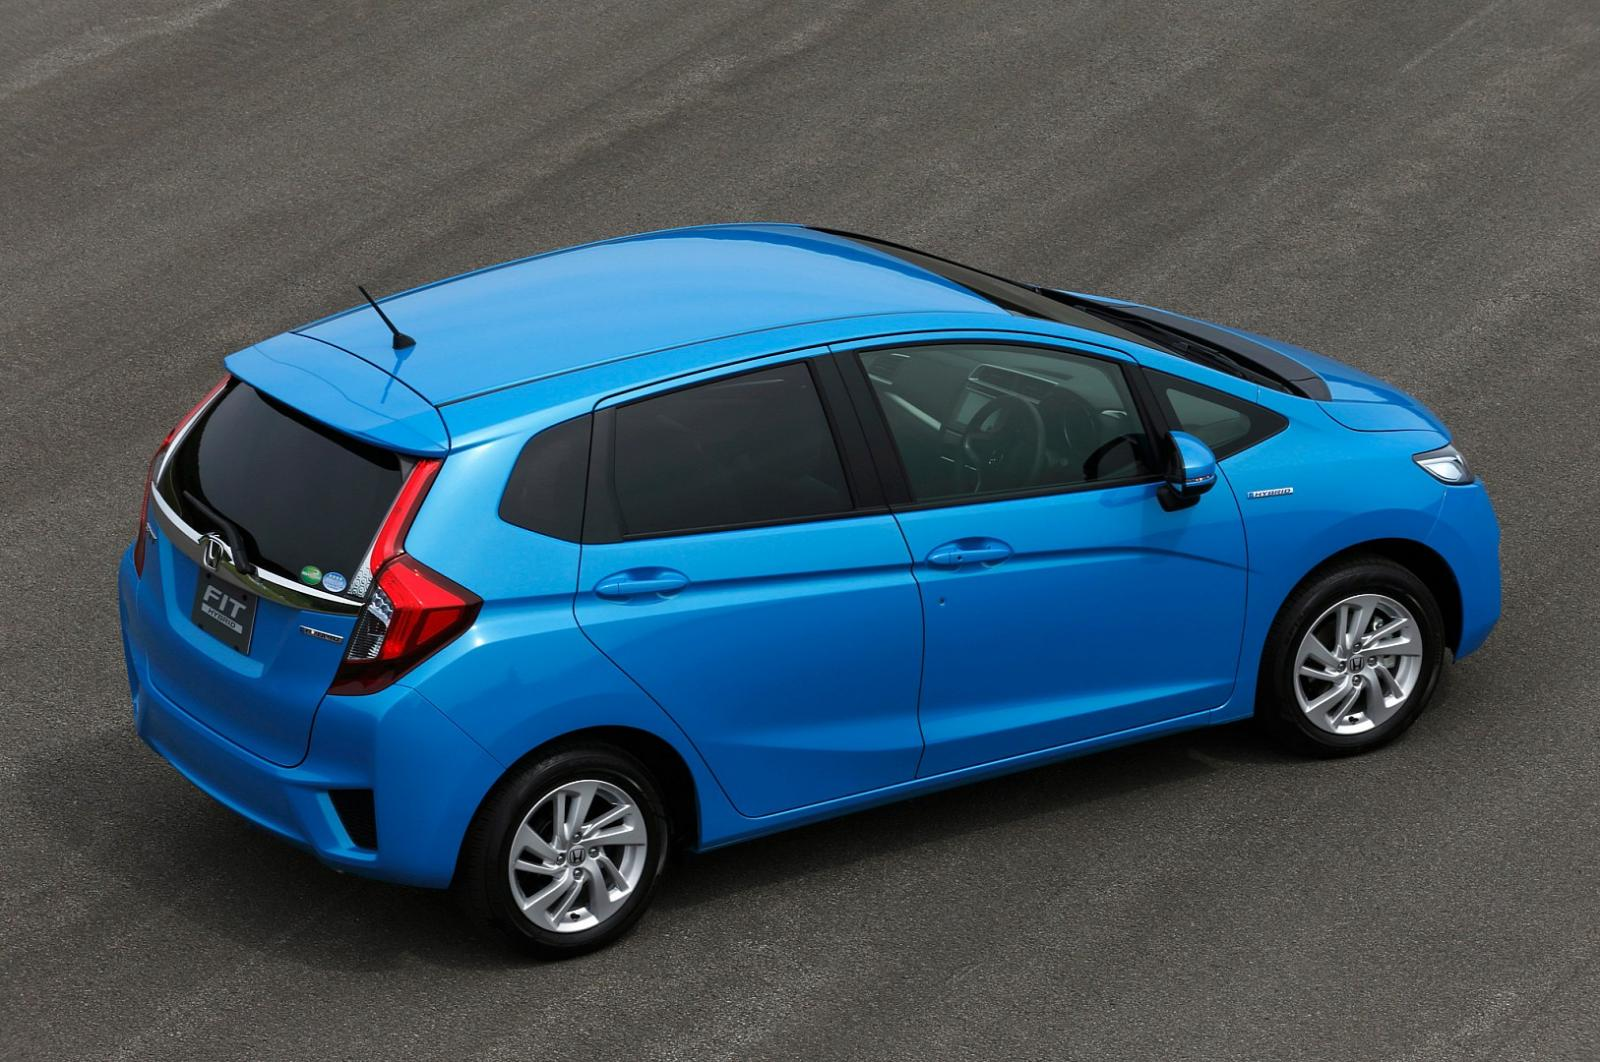 2014 Honda Jazzfit Hybrid Pierwsze Informacje Autokultpl